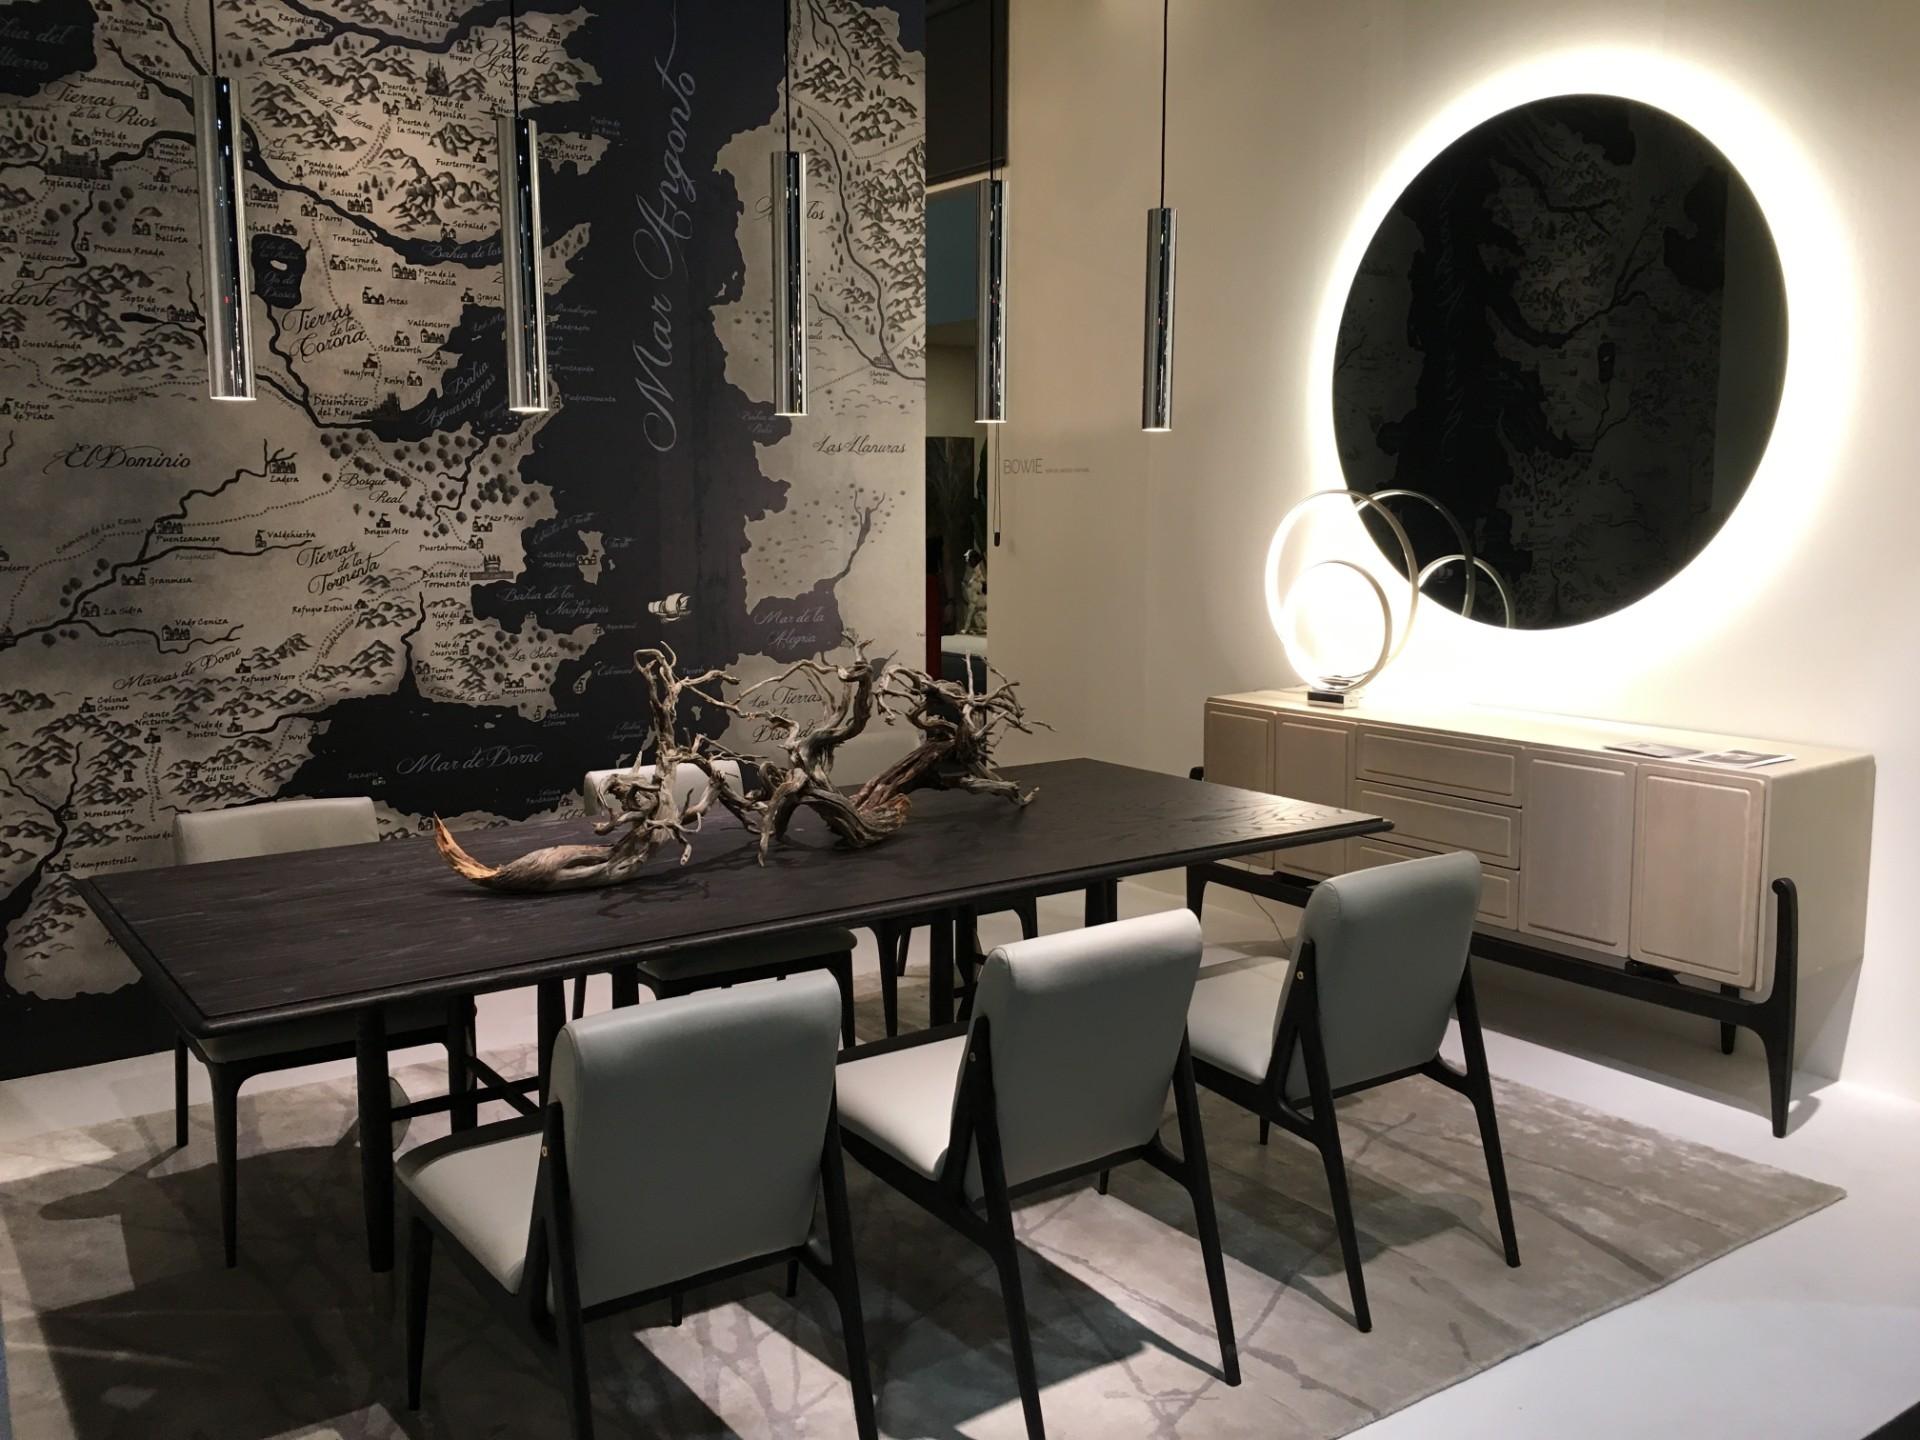 feria-habitat-valencia-2018-interiorismo-interiores-mobiliario-muebles-4